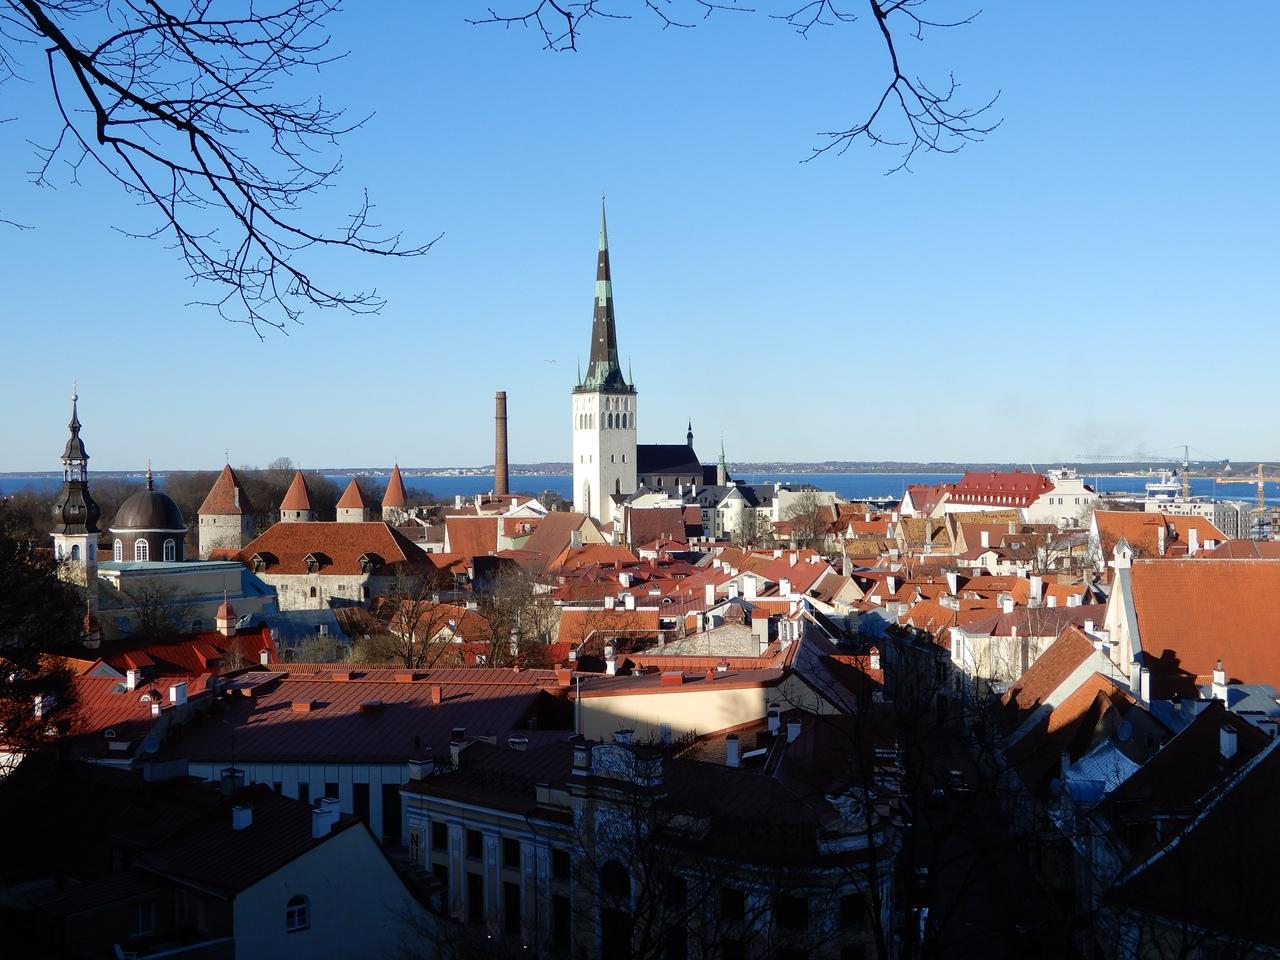 Старый город и башня Святого Олафа как главная доминанта города